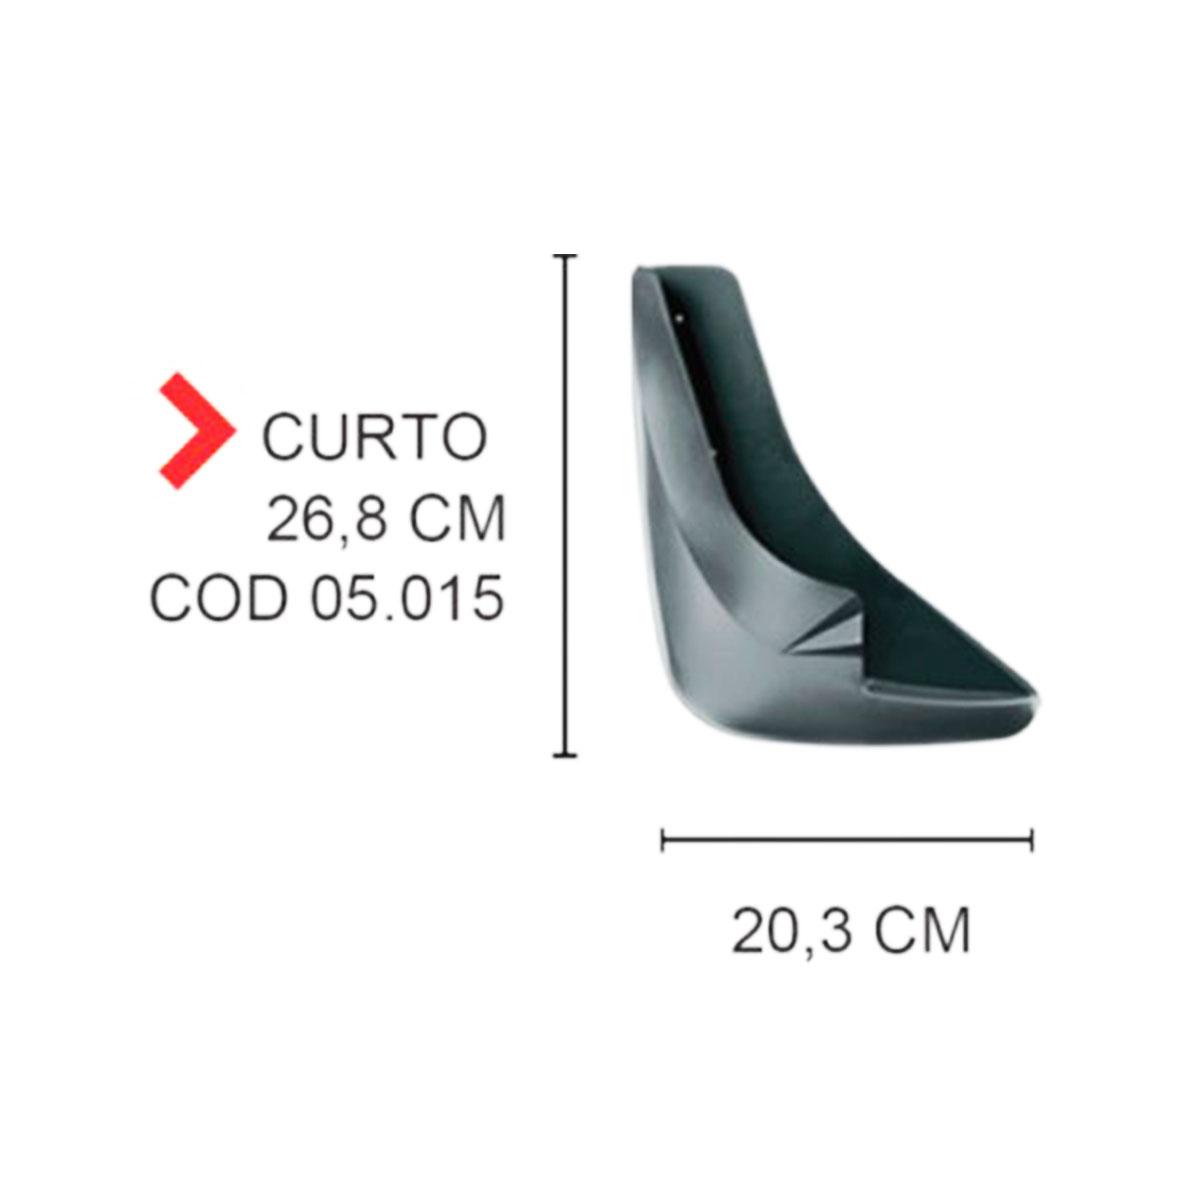 Apara Barro Curto Flap Universal Preto TG Poli 05.015